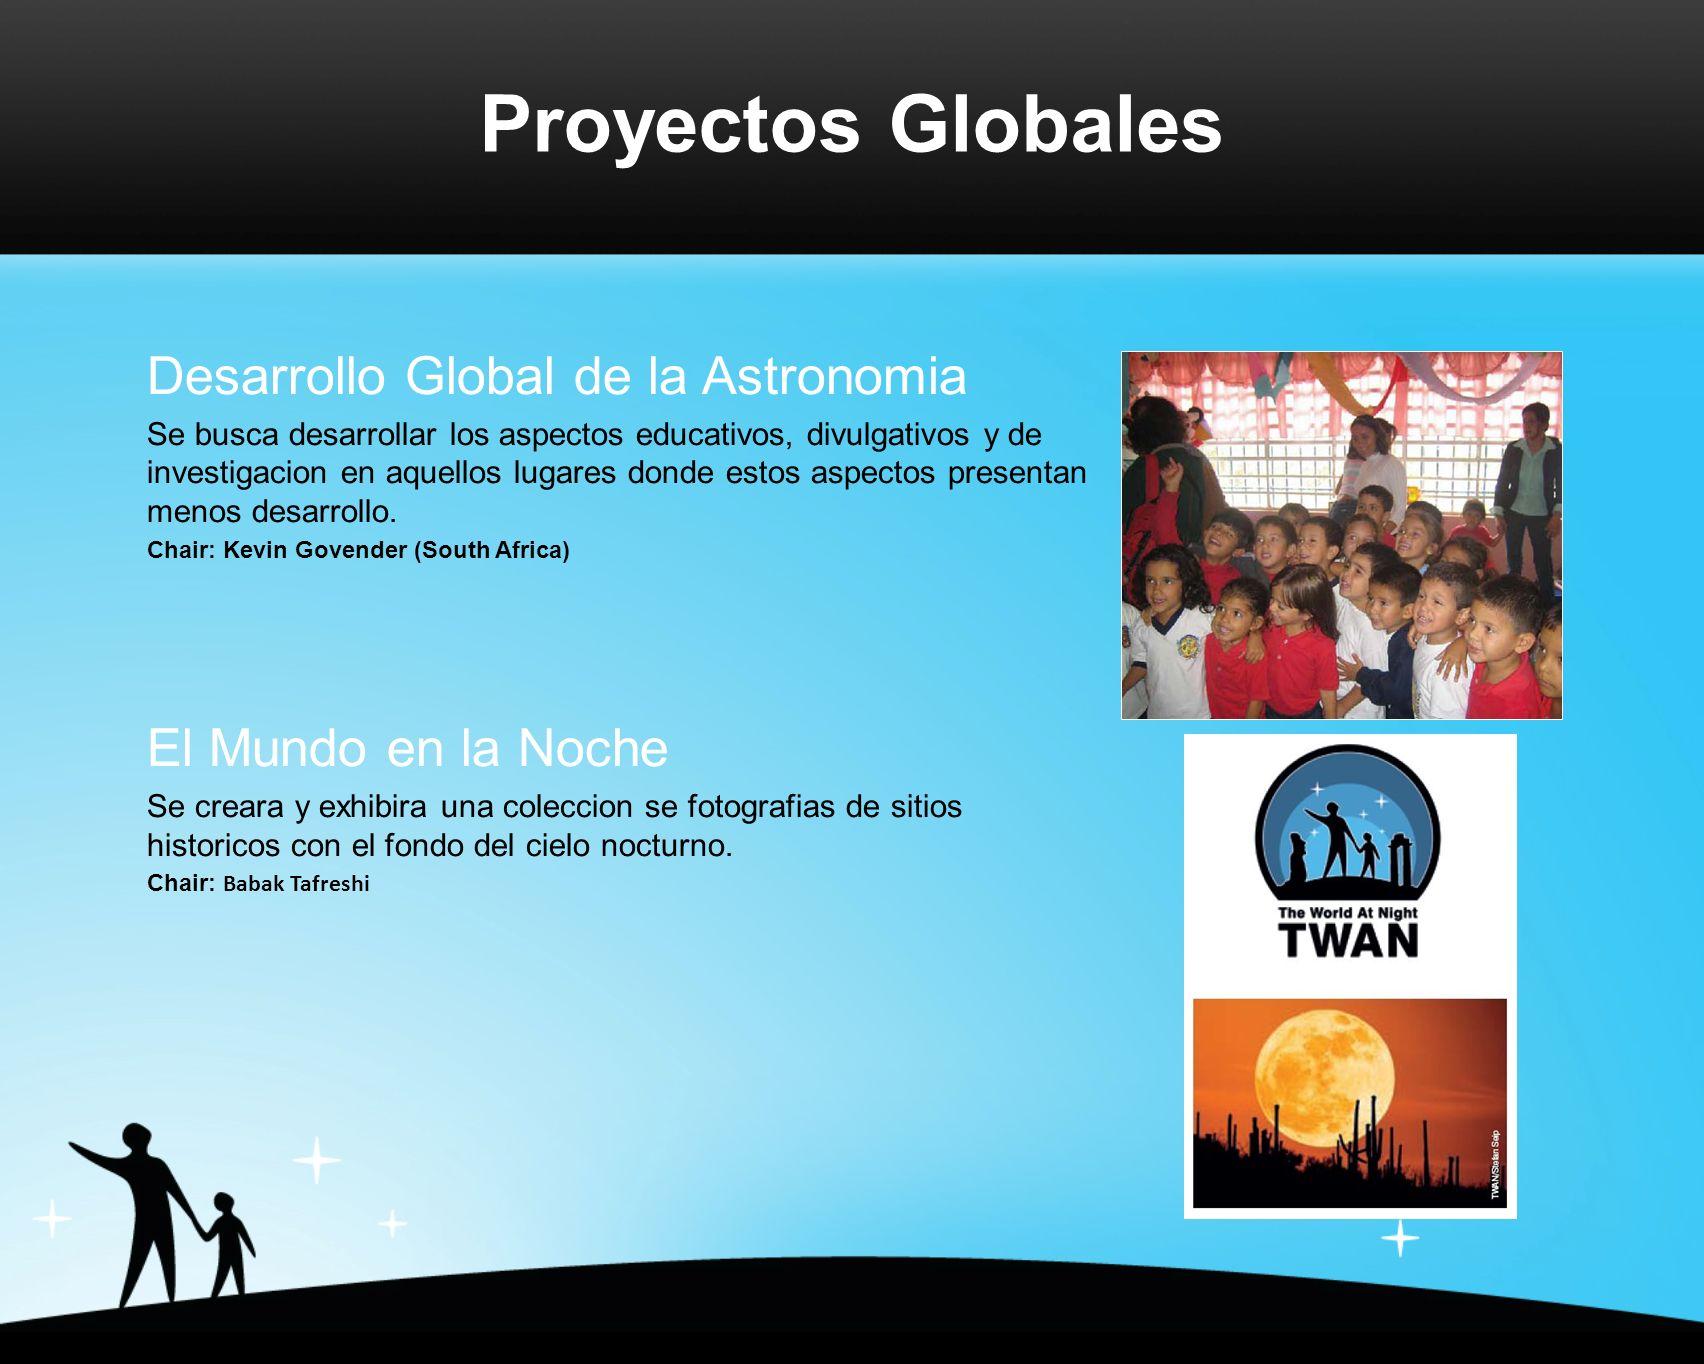 Proyectos Globales Desarrollo Global de la Astronomia Se busca desarrollar los aspectos educativos, divulgativos y de investigacion en aquellos lugares donde estos aspectos presentan menos desarrollo.